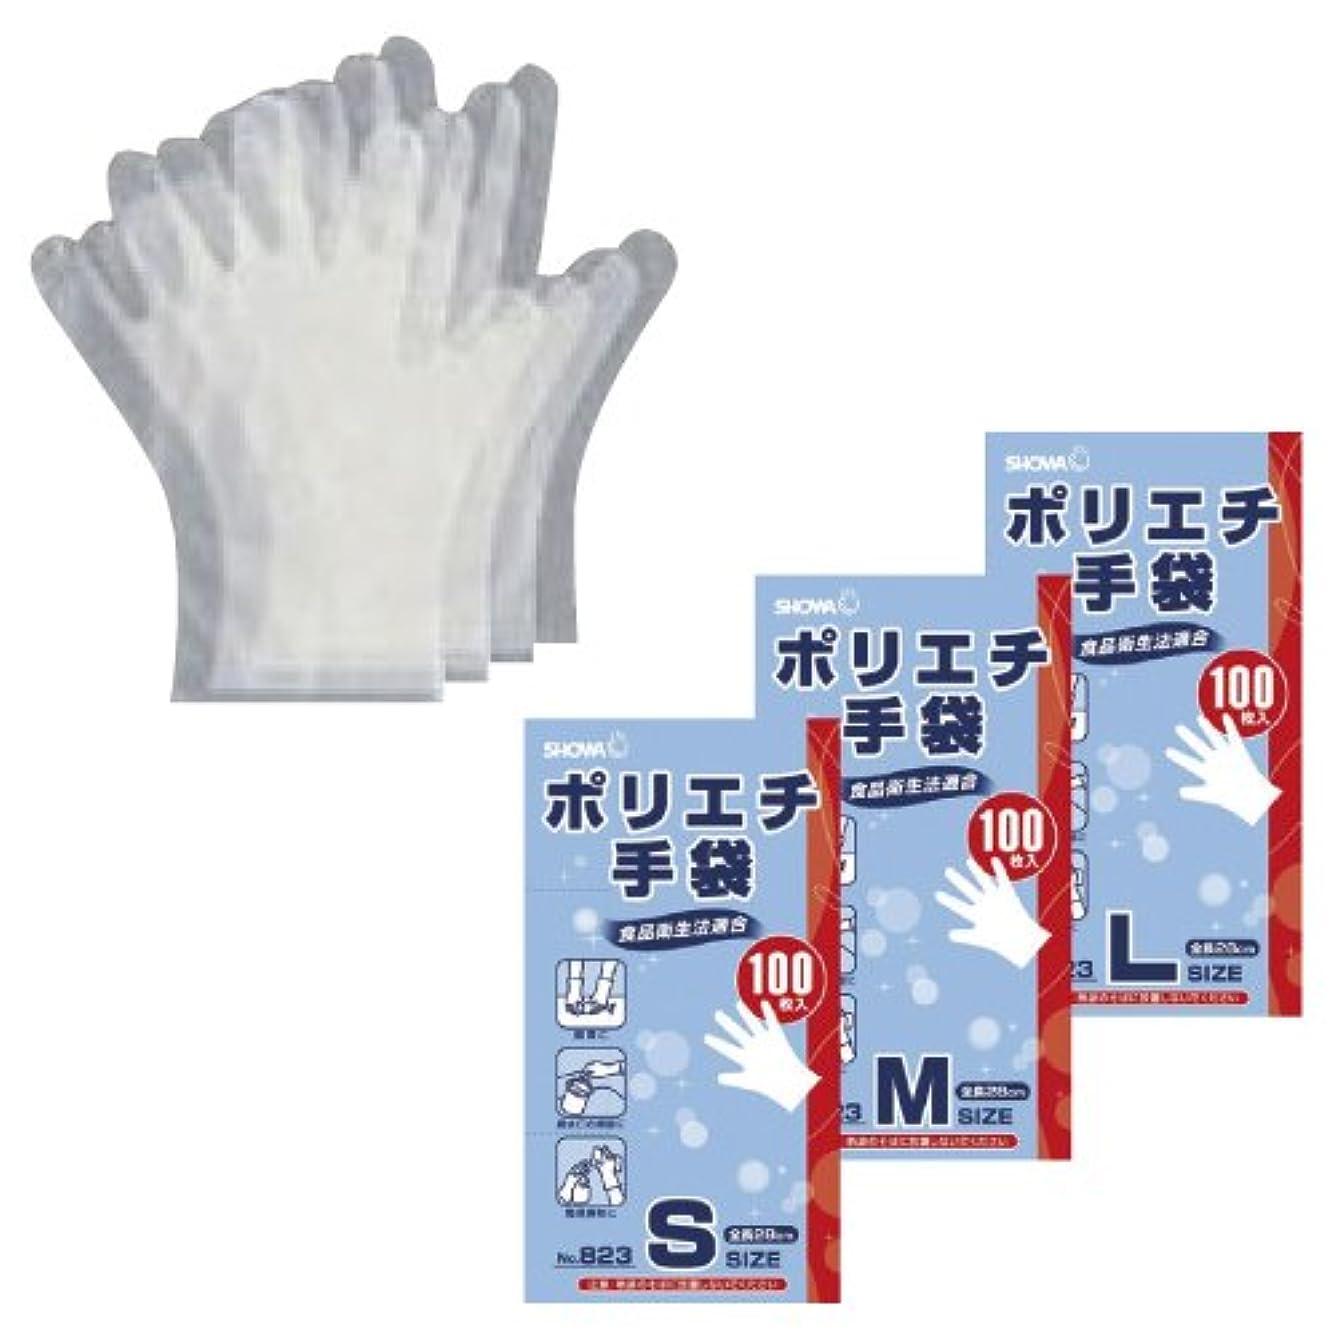 ナチュラル責任者恩恵ポリエチ手袋(半透明) NO.823(S)100????????????(23-7247-00)